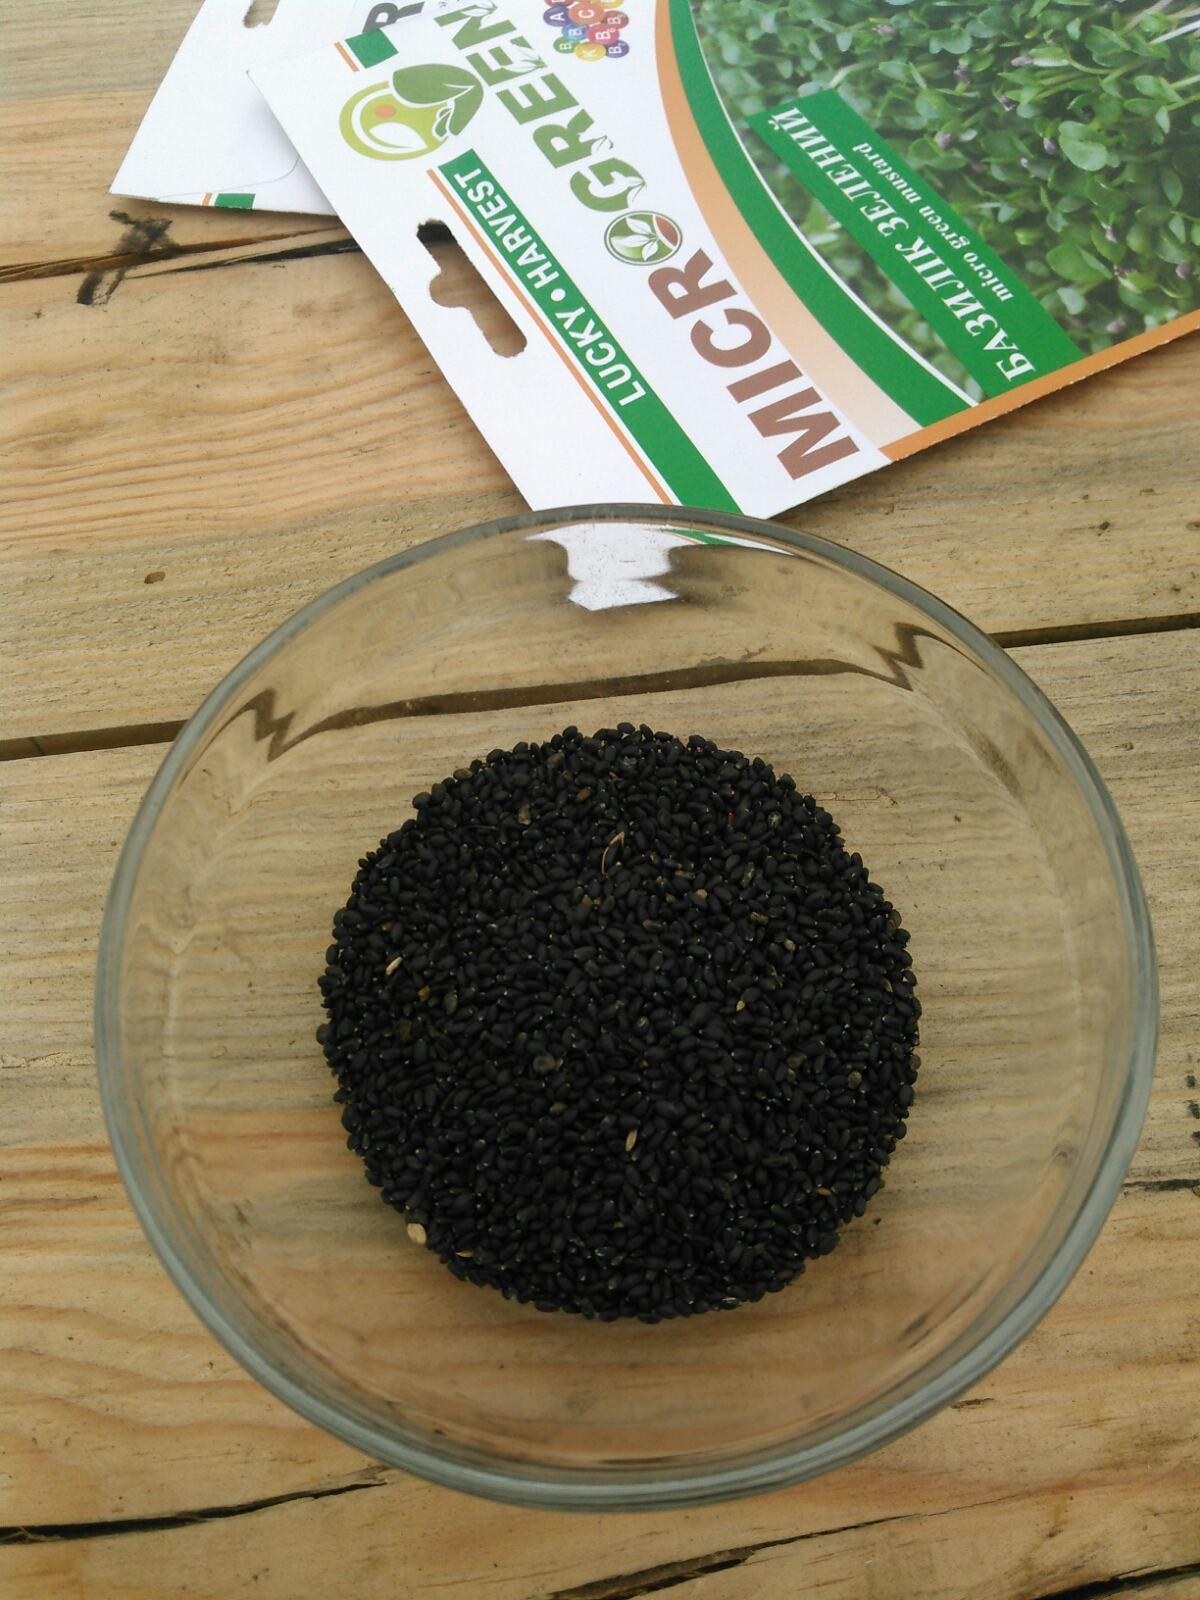 Семена Микрозелени Базилик Зеленый, 5 г.  LUCKY HARVEST (Украина)